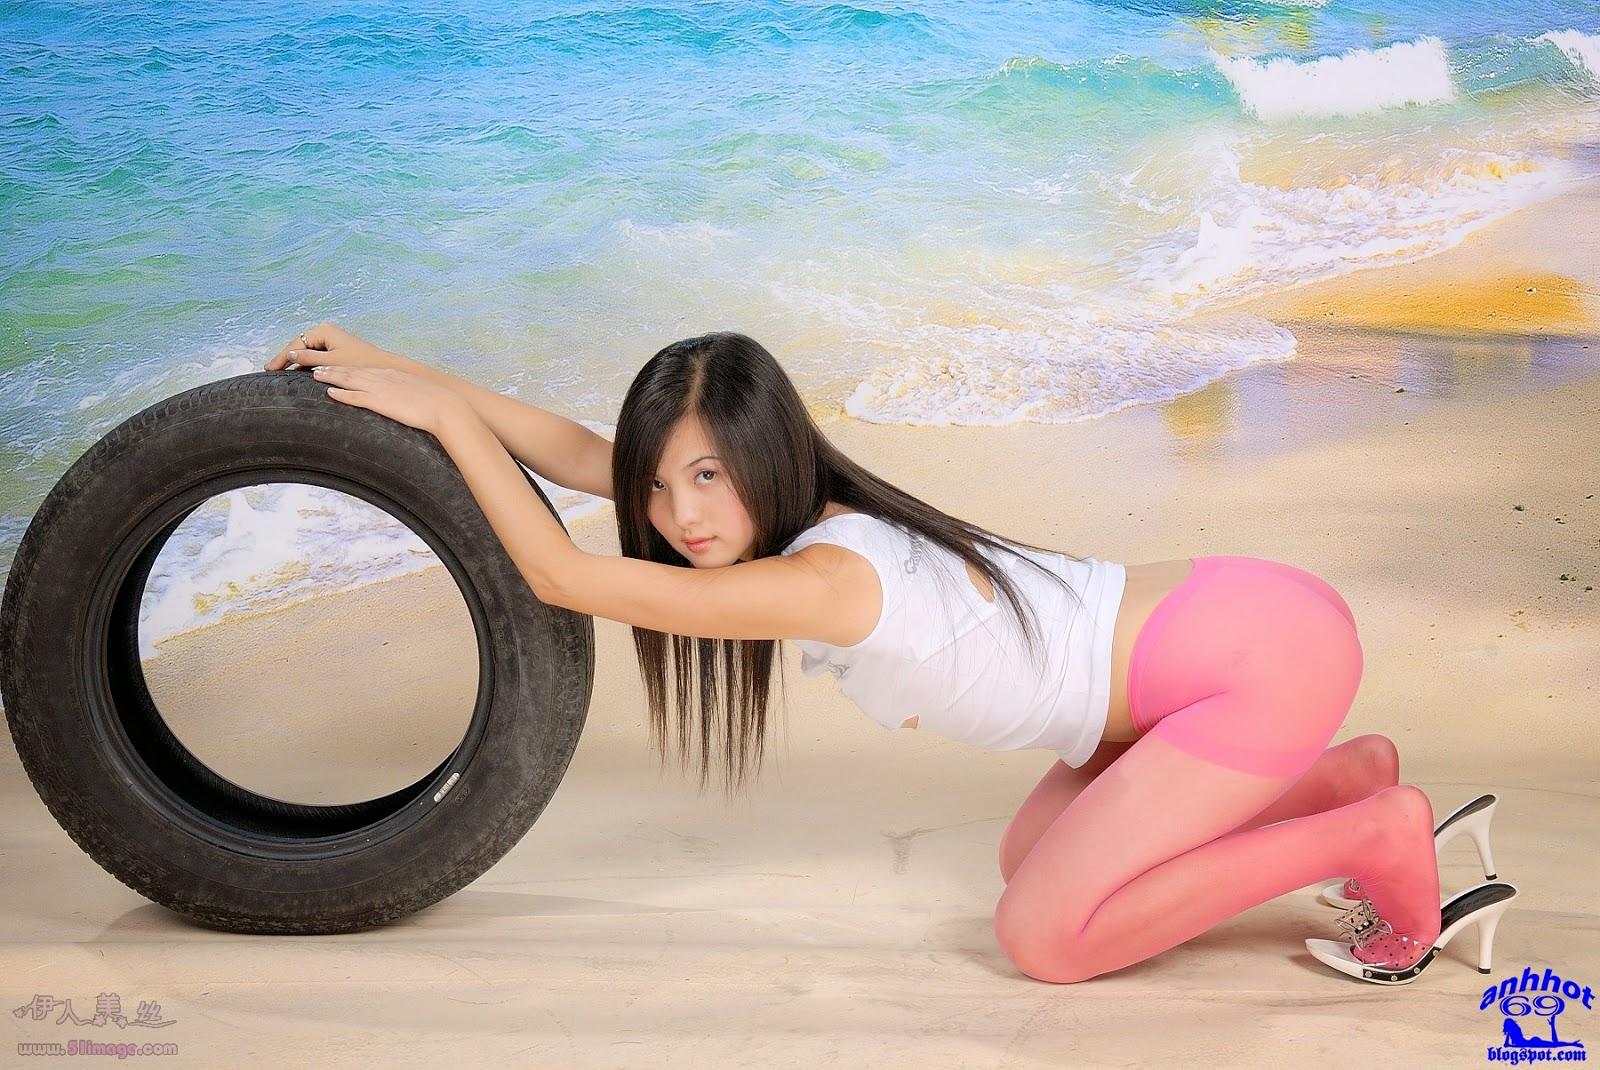 xiangxiang-amateur-02002724